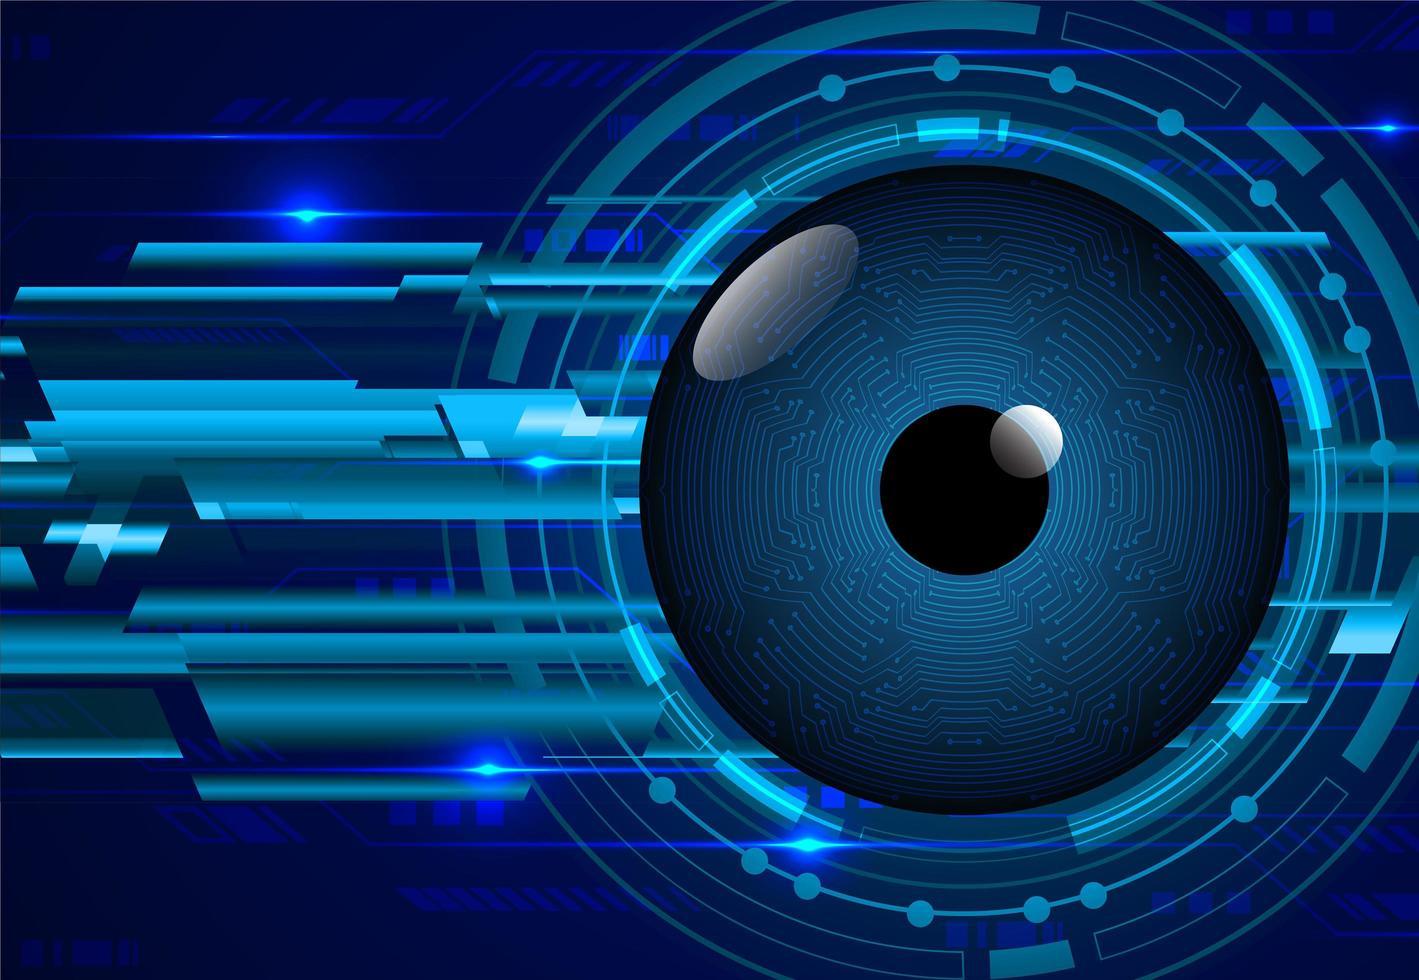 fond de concept de technologie cyber circuit oeil bleu vecteur